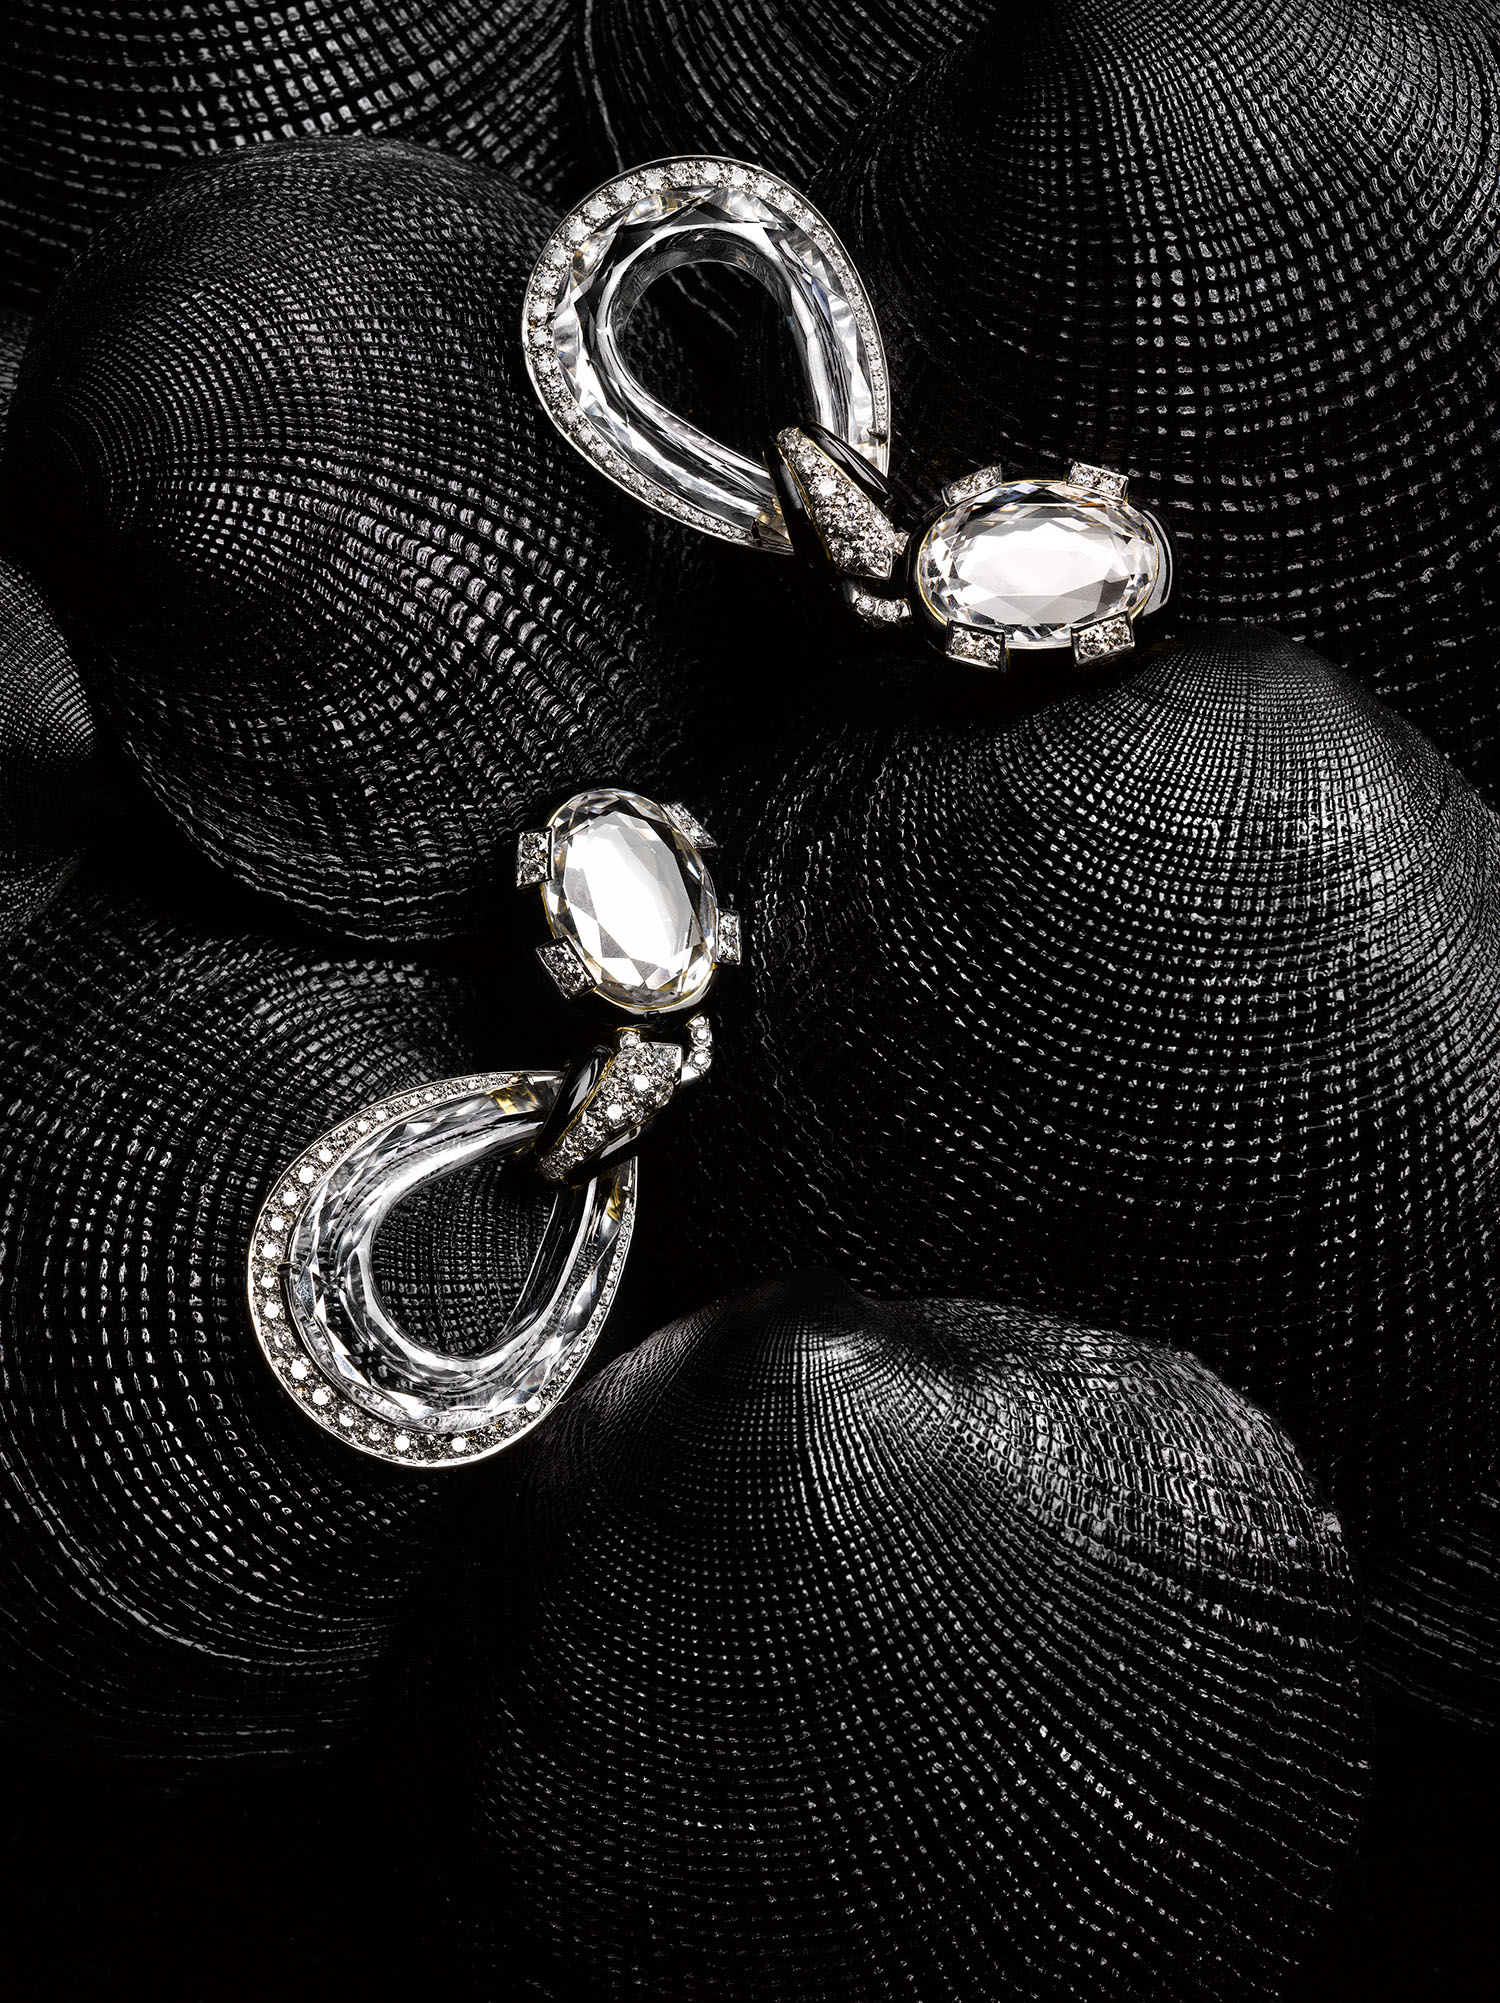 01_Jewelry_00015.jpg